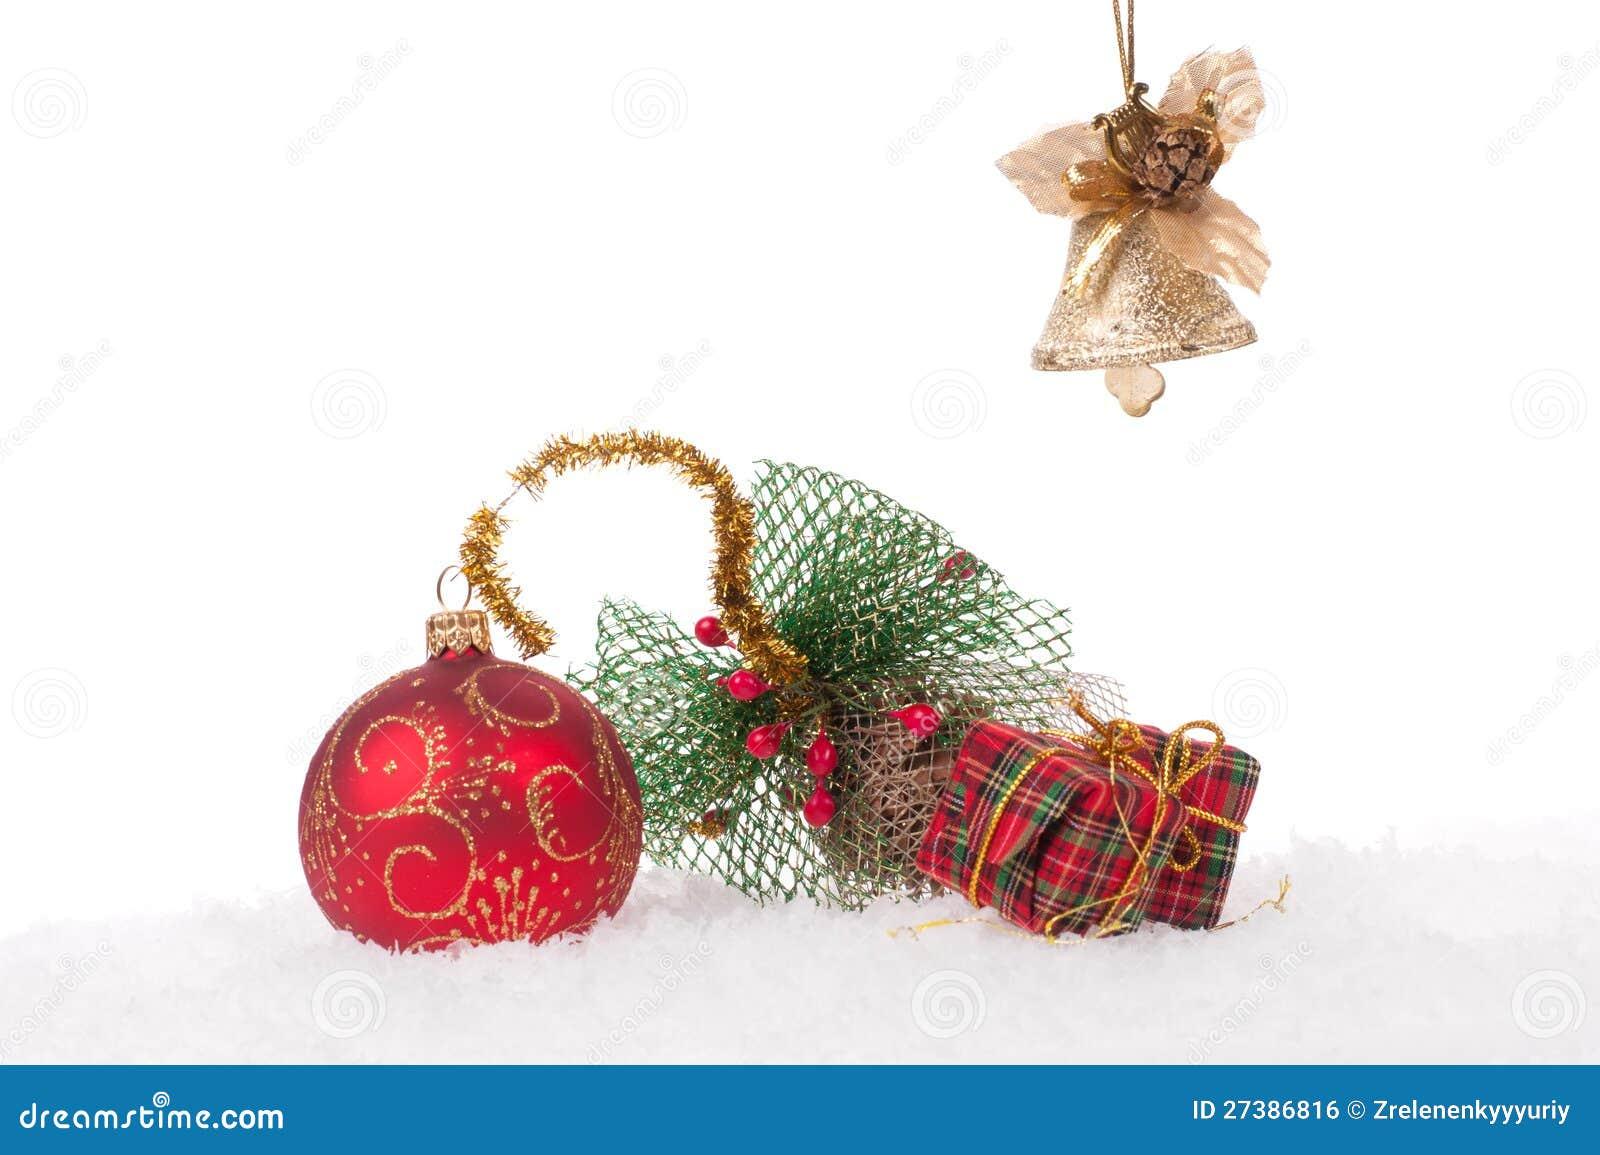 Bola roja de la navidad con nieve imagen de archivo libre - Bola nieve navidad ...